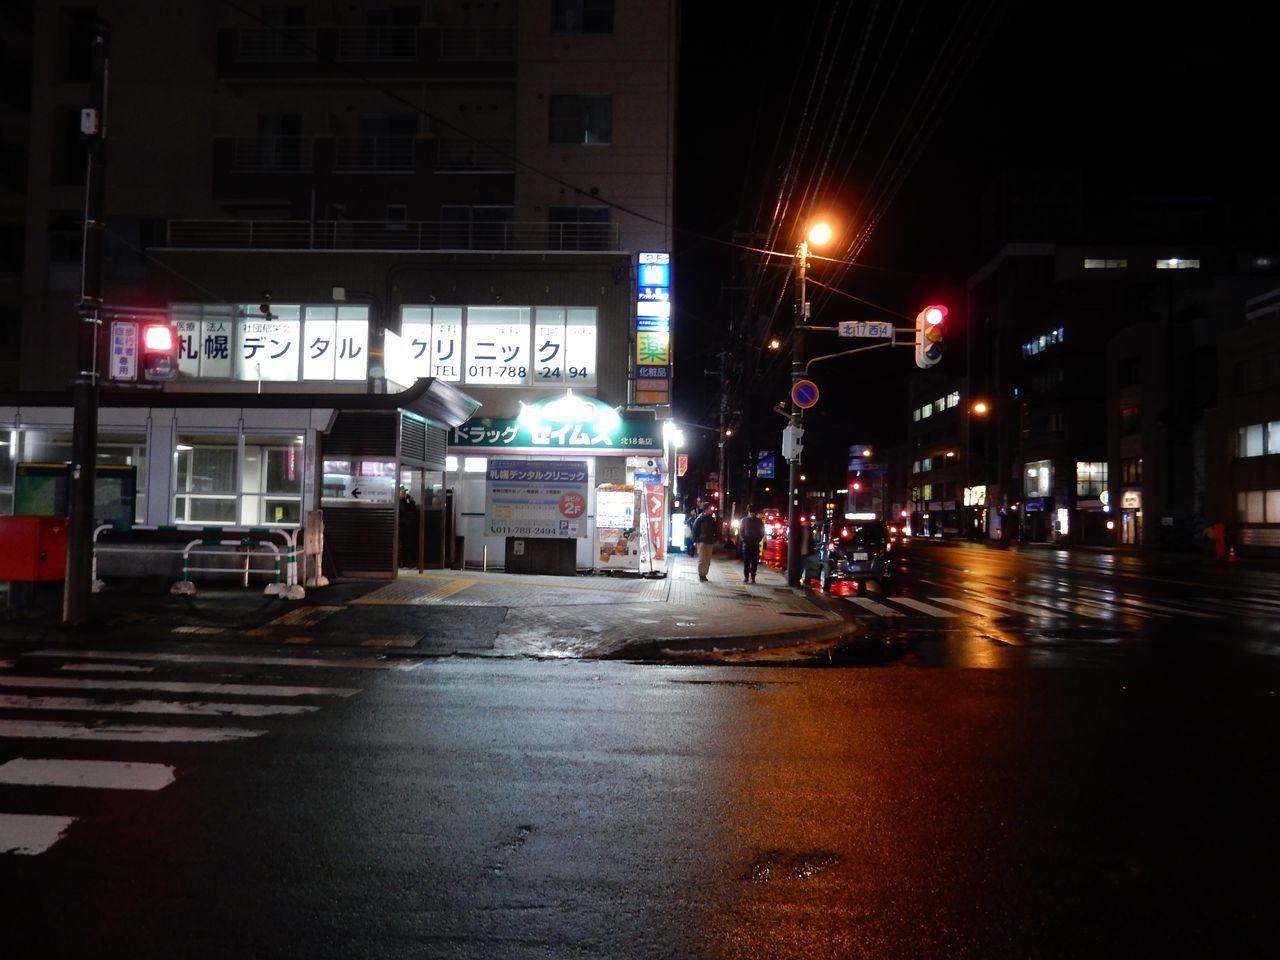 暗くなってから北大へ_c0025115_23051364.jpg